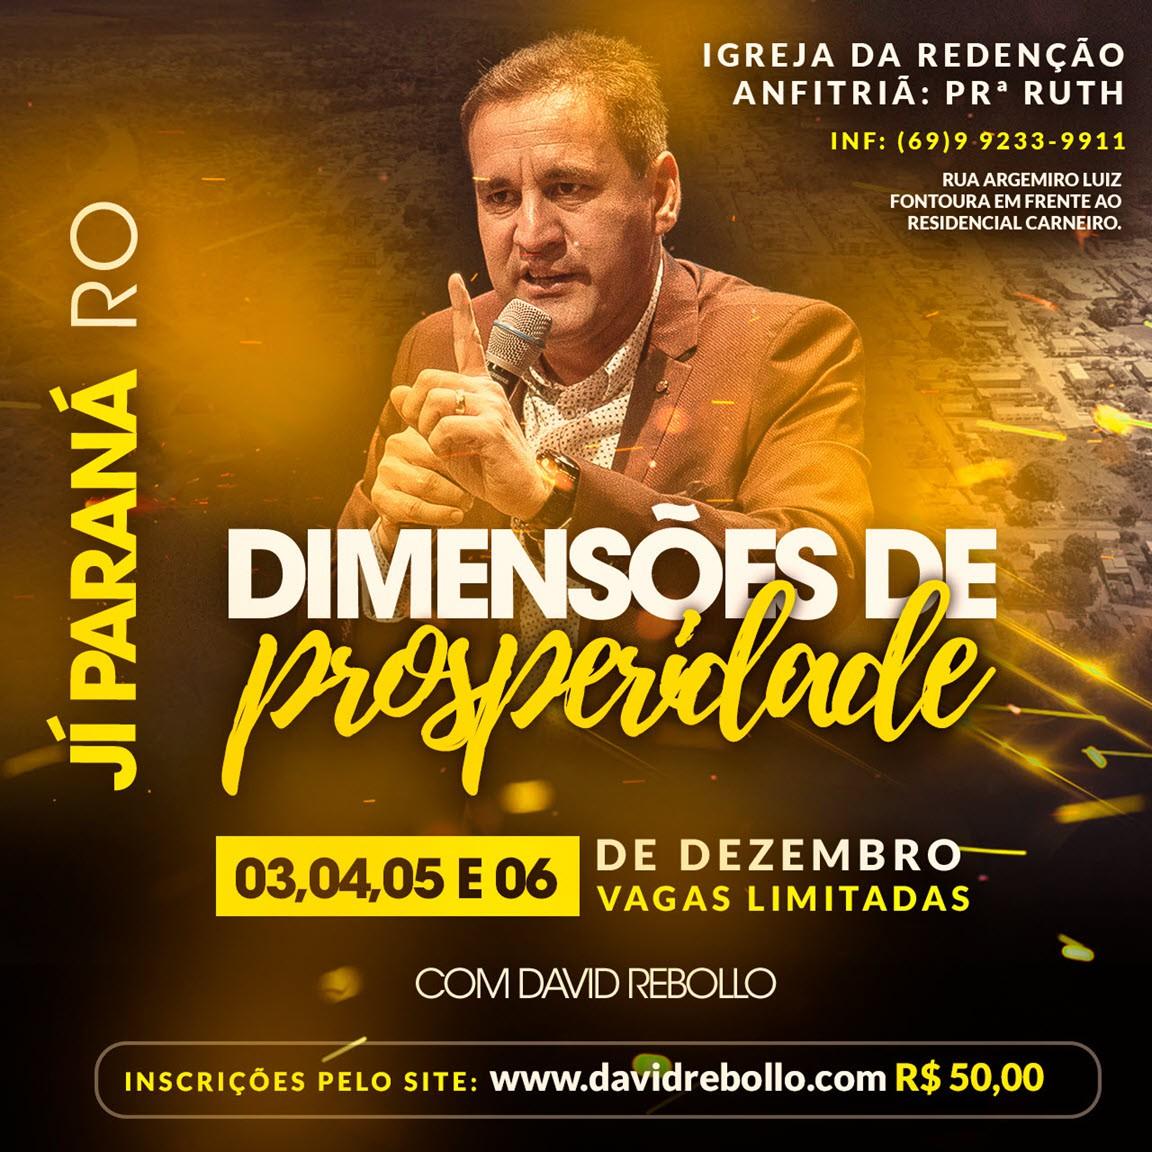 Escola Dimensões de Prosperidade em Jí Paraná - RO